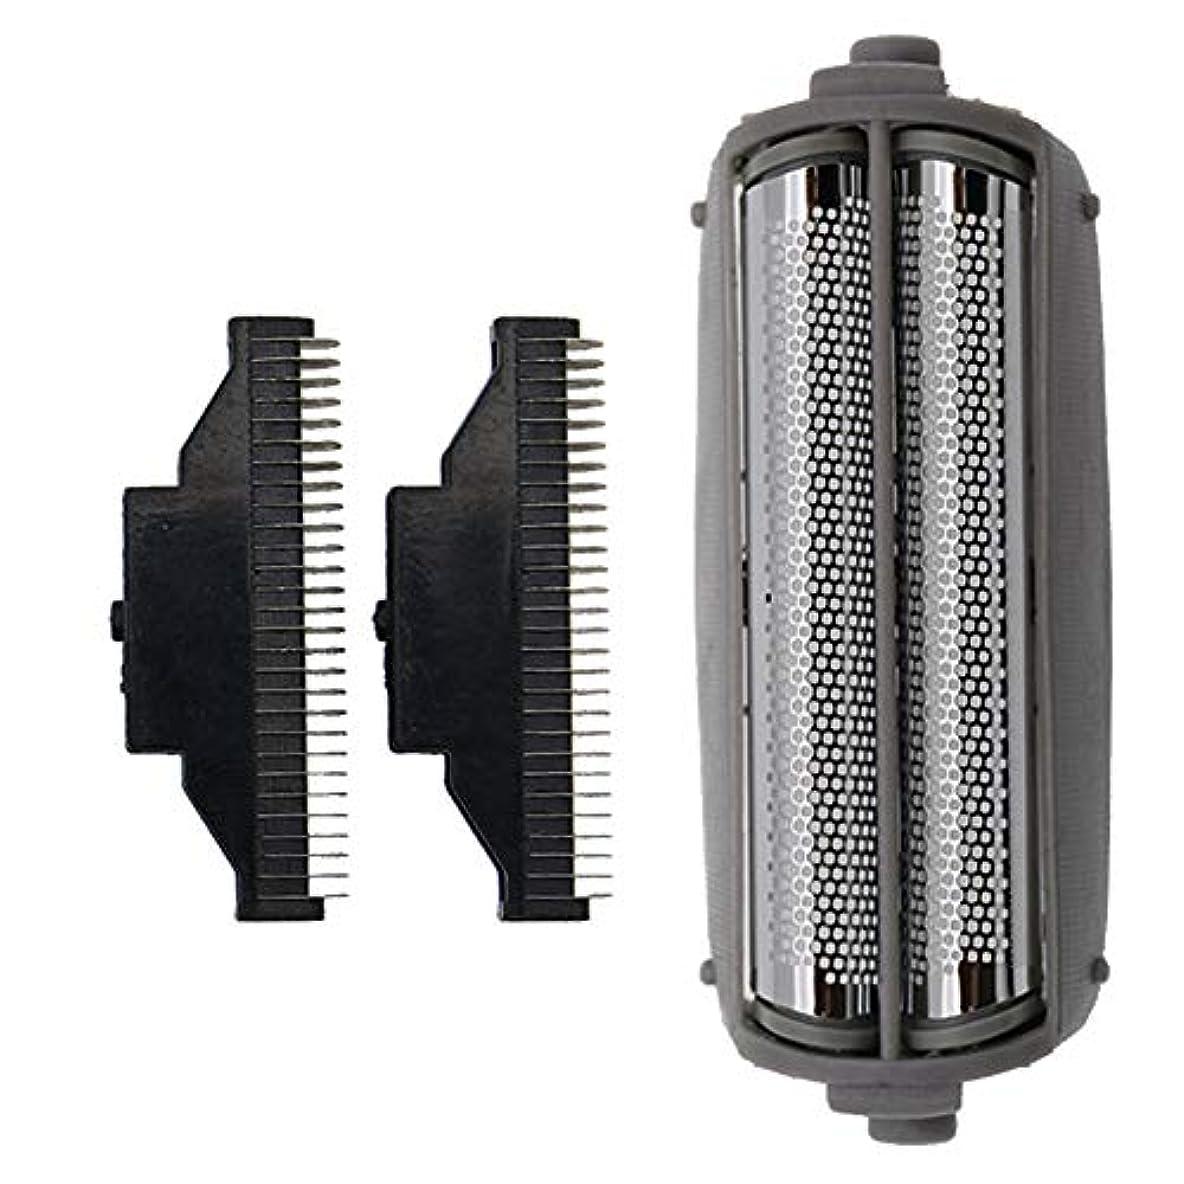 呼吸潜む従うWuYan 交換用フィルム 互換性 Panasonic Es9852 Es-Rw30 Es4000 Es4001 Es4027 Es726 Es727用